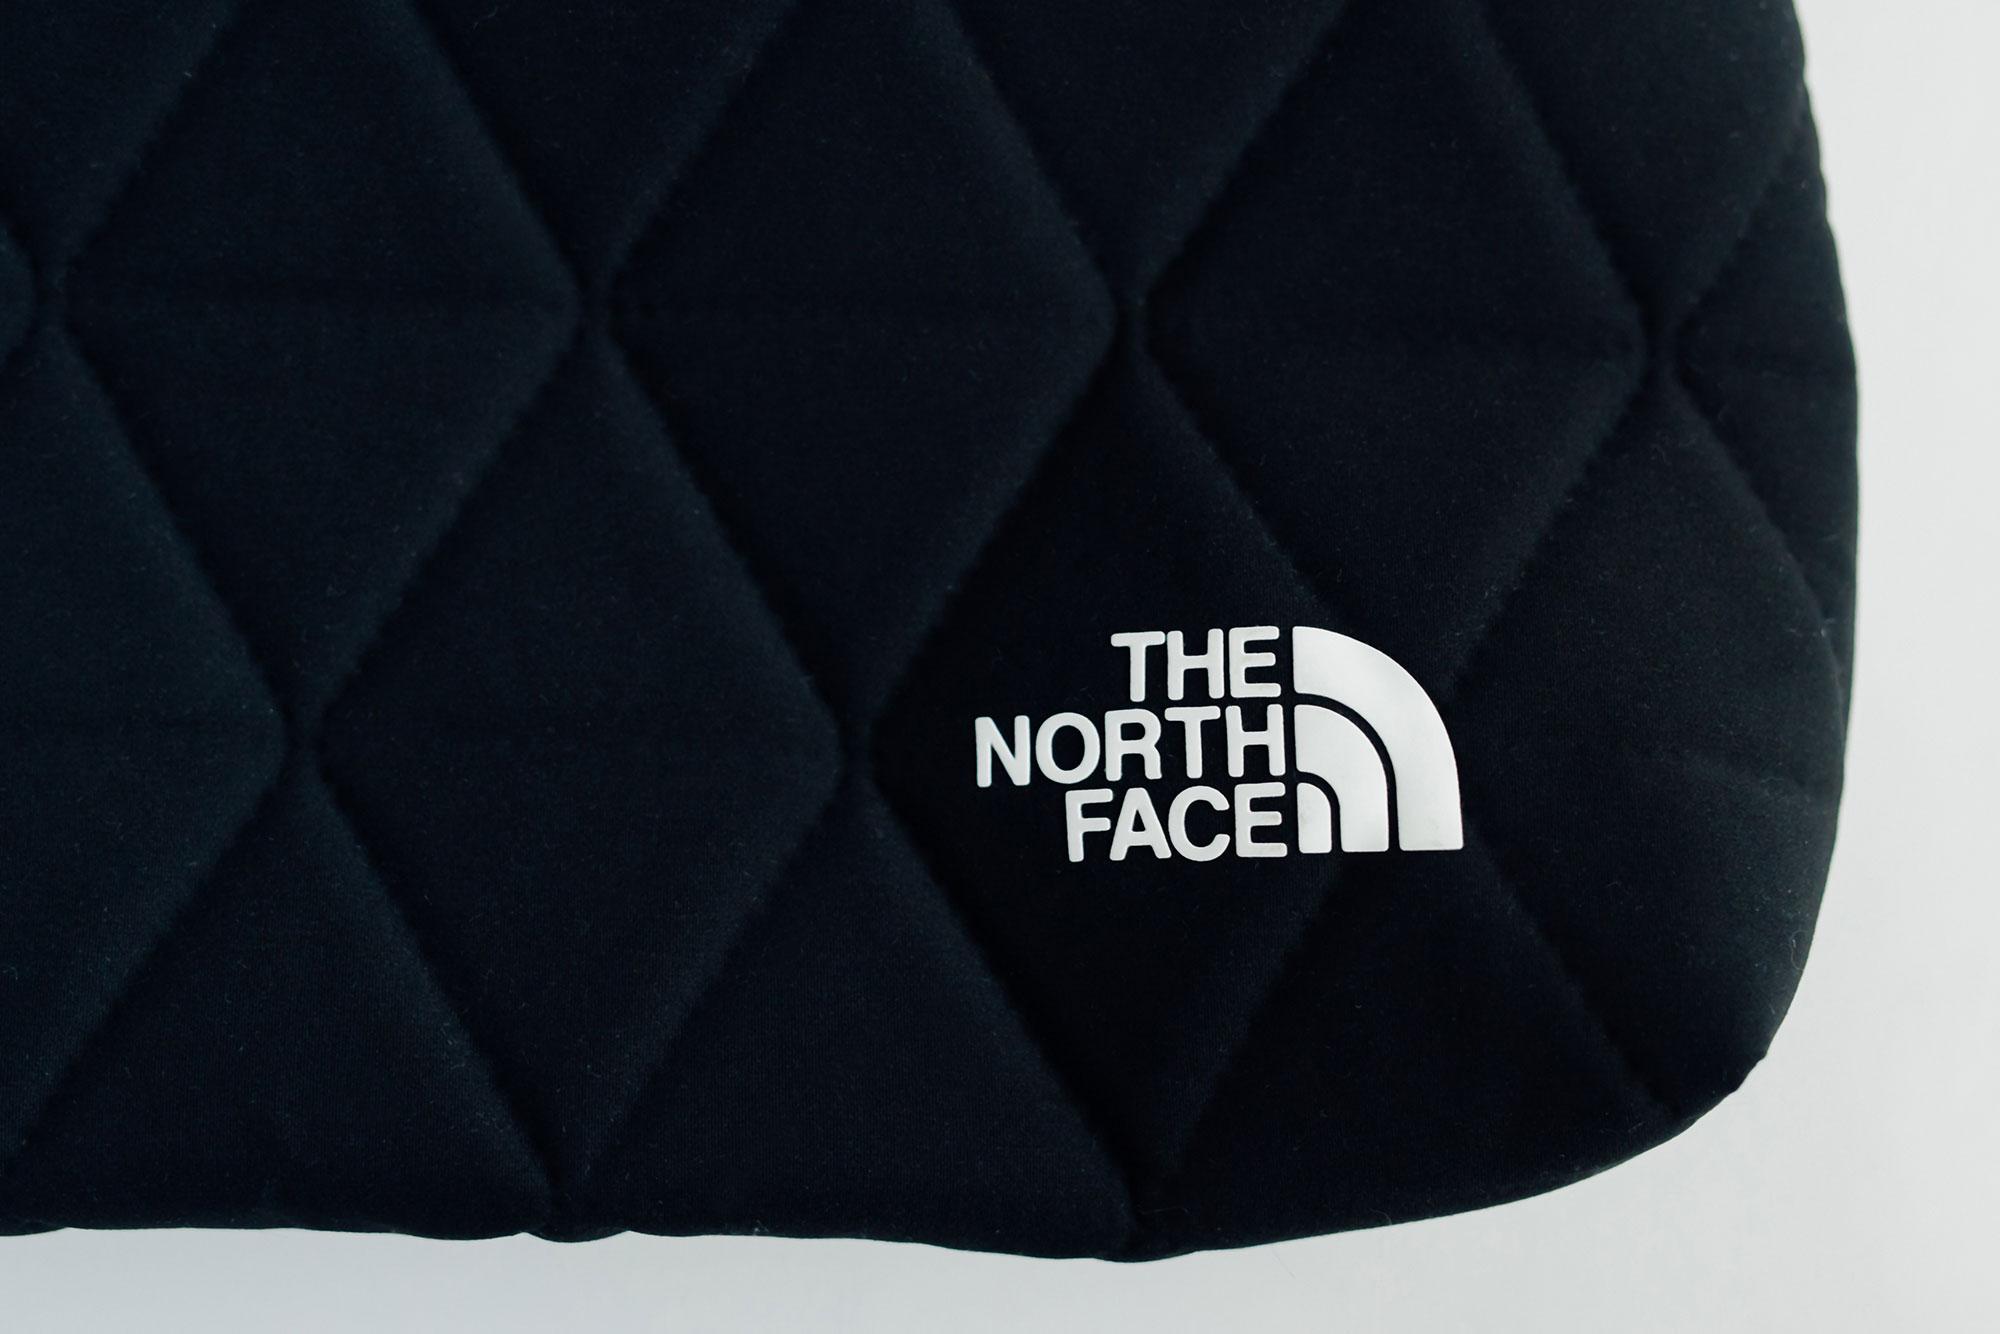 THE NORTH FACE ジオフェイス ポーチ ブラック